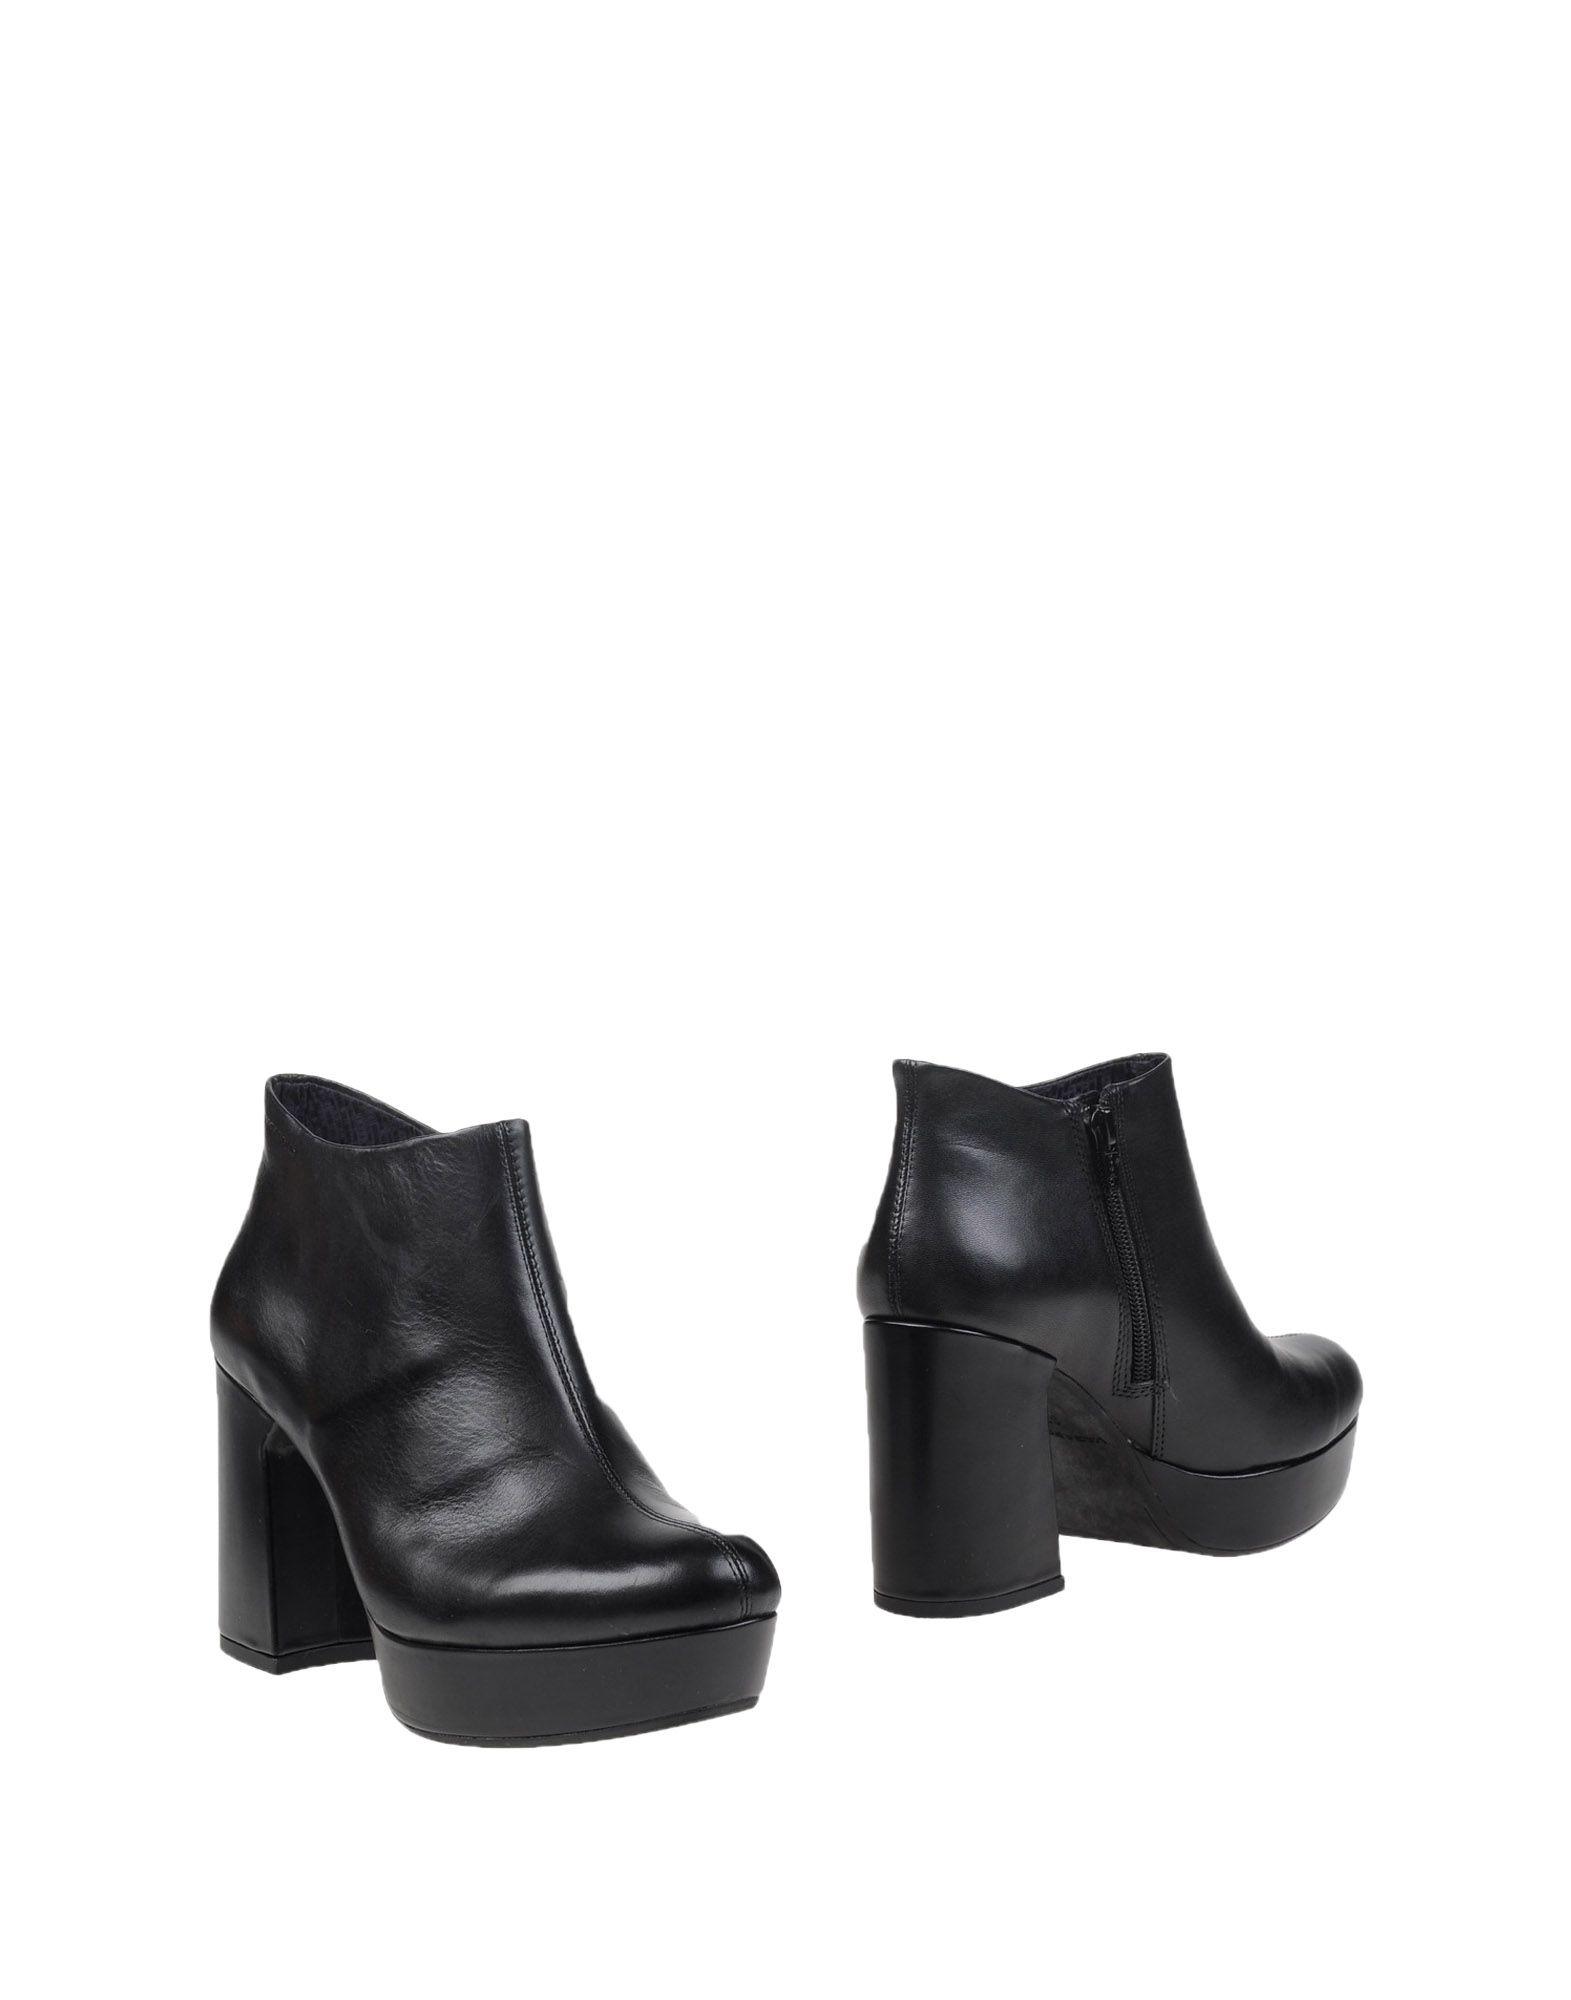 VAGABOND SHOEMAKERS Полусапоги и высокие ботинки vagabond shoemakers низкие кеды и кроссовки